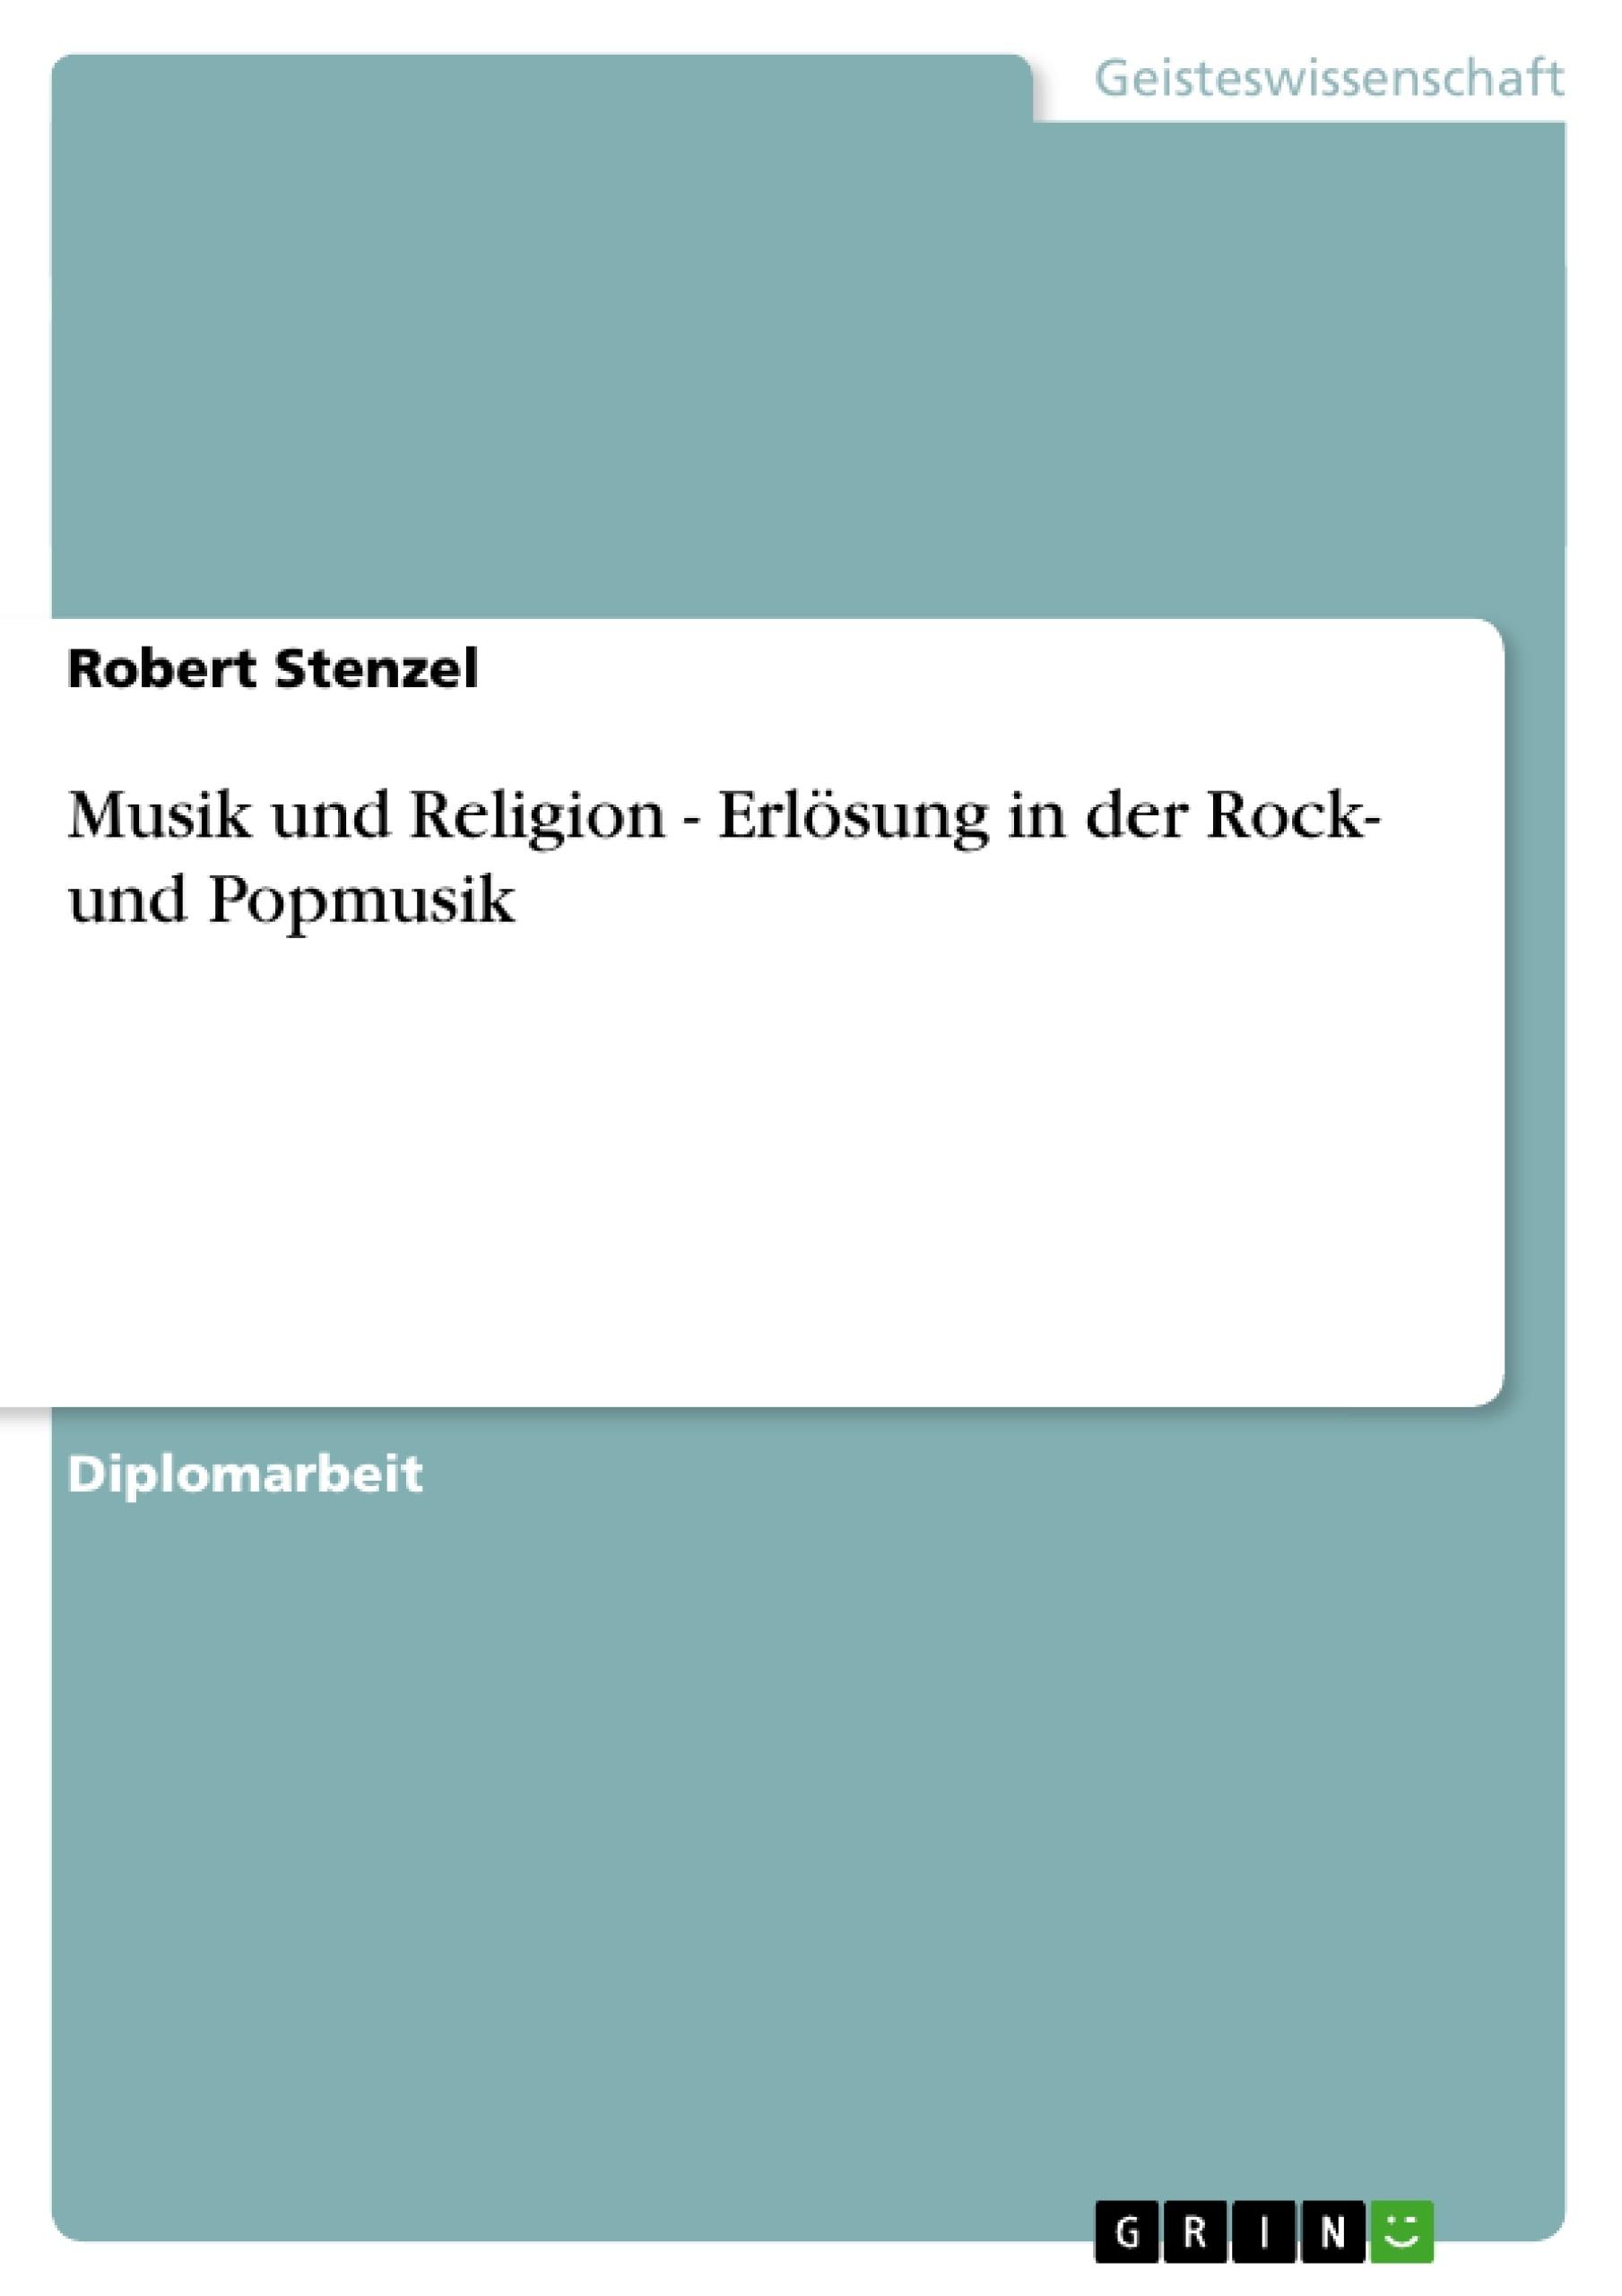 Titel: Musik und Religion - Erlösung in der Rock- und Popmusik